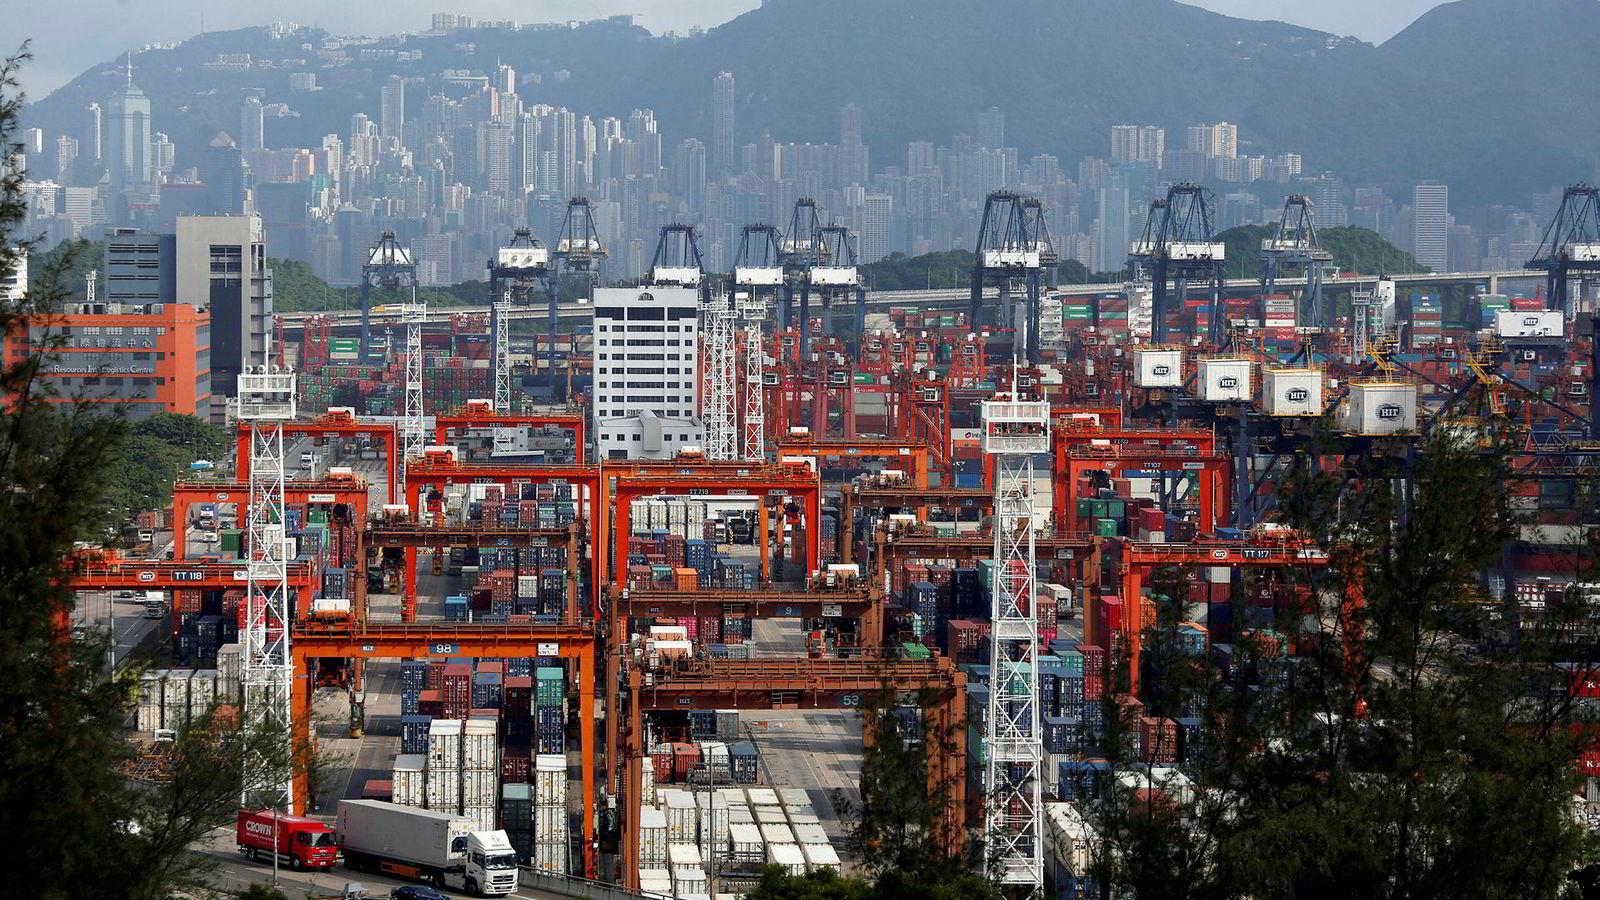 USA er i handelskrig med Kina. De har så langt innført straffetoll på kinesiske eksport verd 250 milliarder dollar. Alarmklokkene kimer i Beijing. Landet var ikke forberedt på dette, ikke ennå. Den eksportdrevne økonomien er sårbar. Her fra Kwai Tsing container terminal i Hong Kong, Kina.